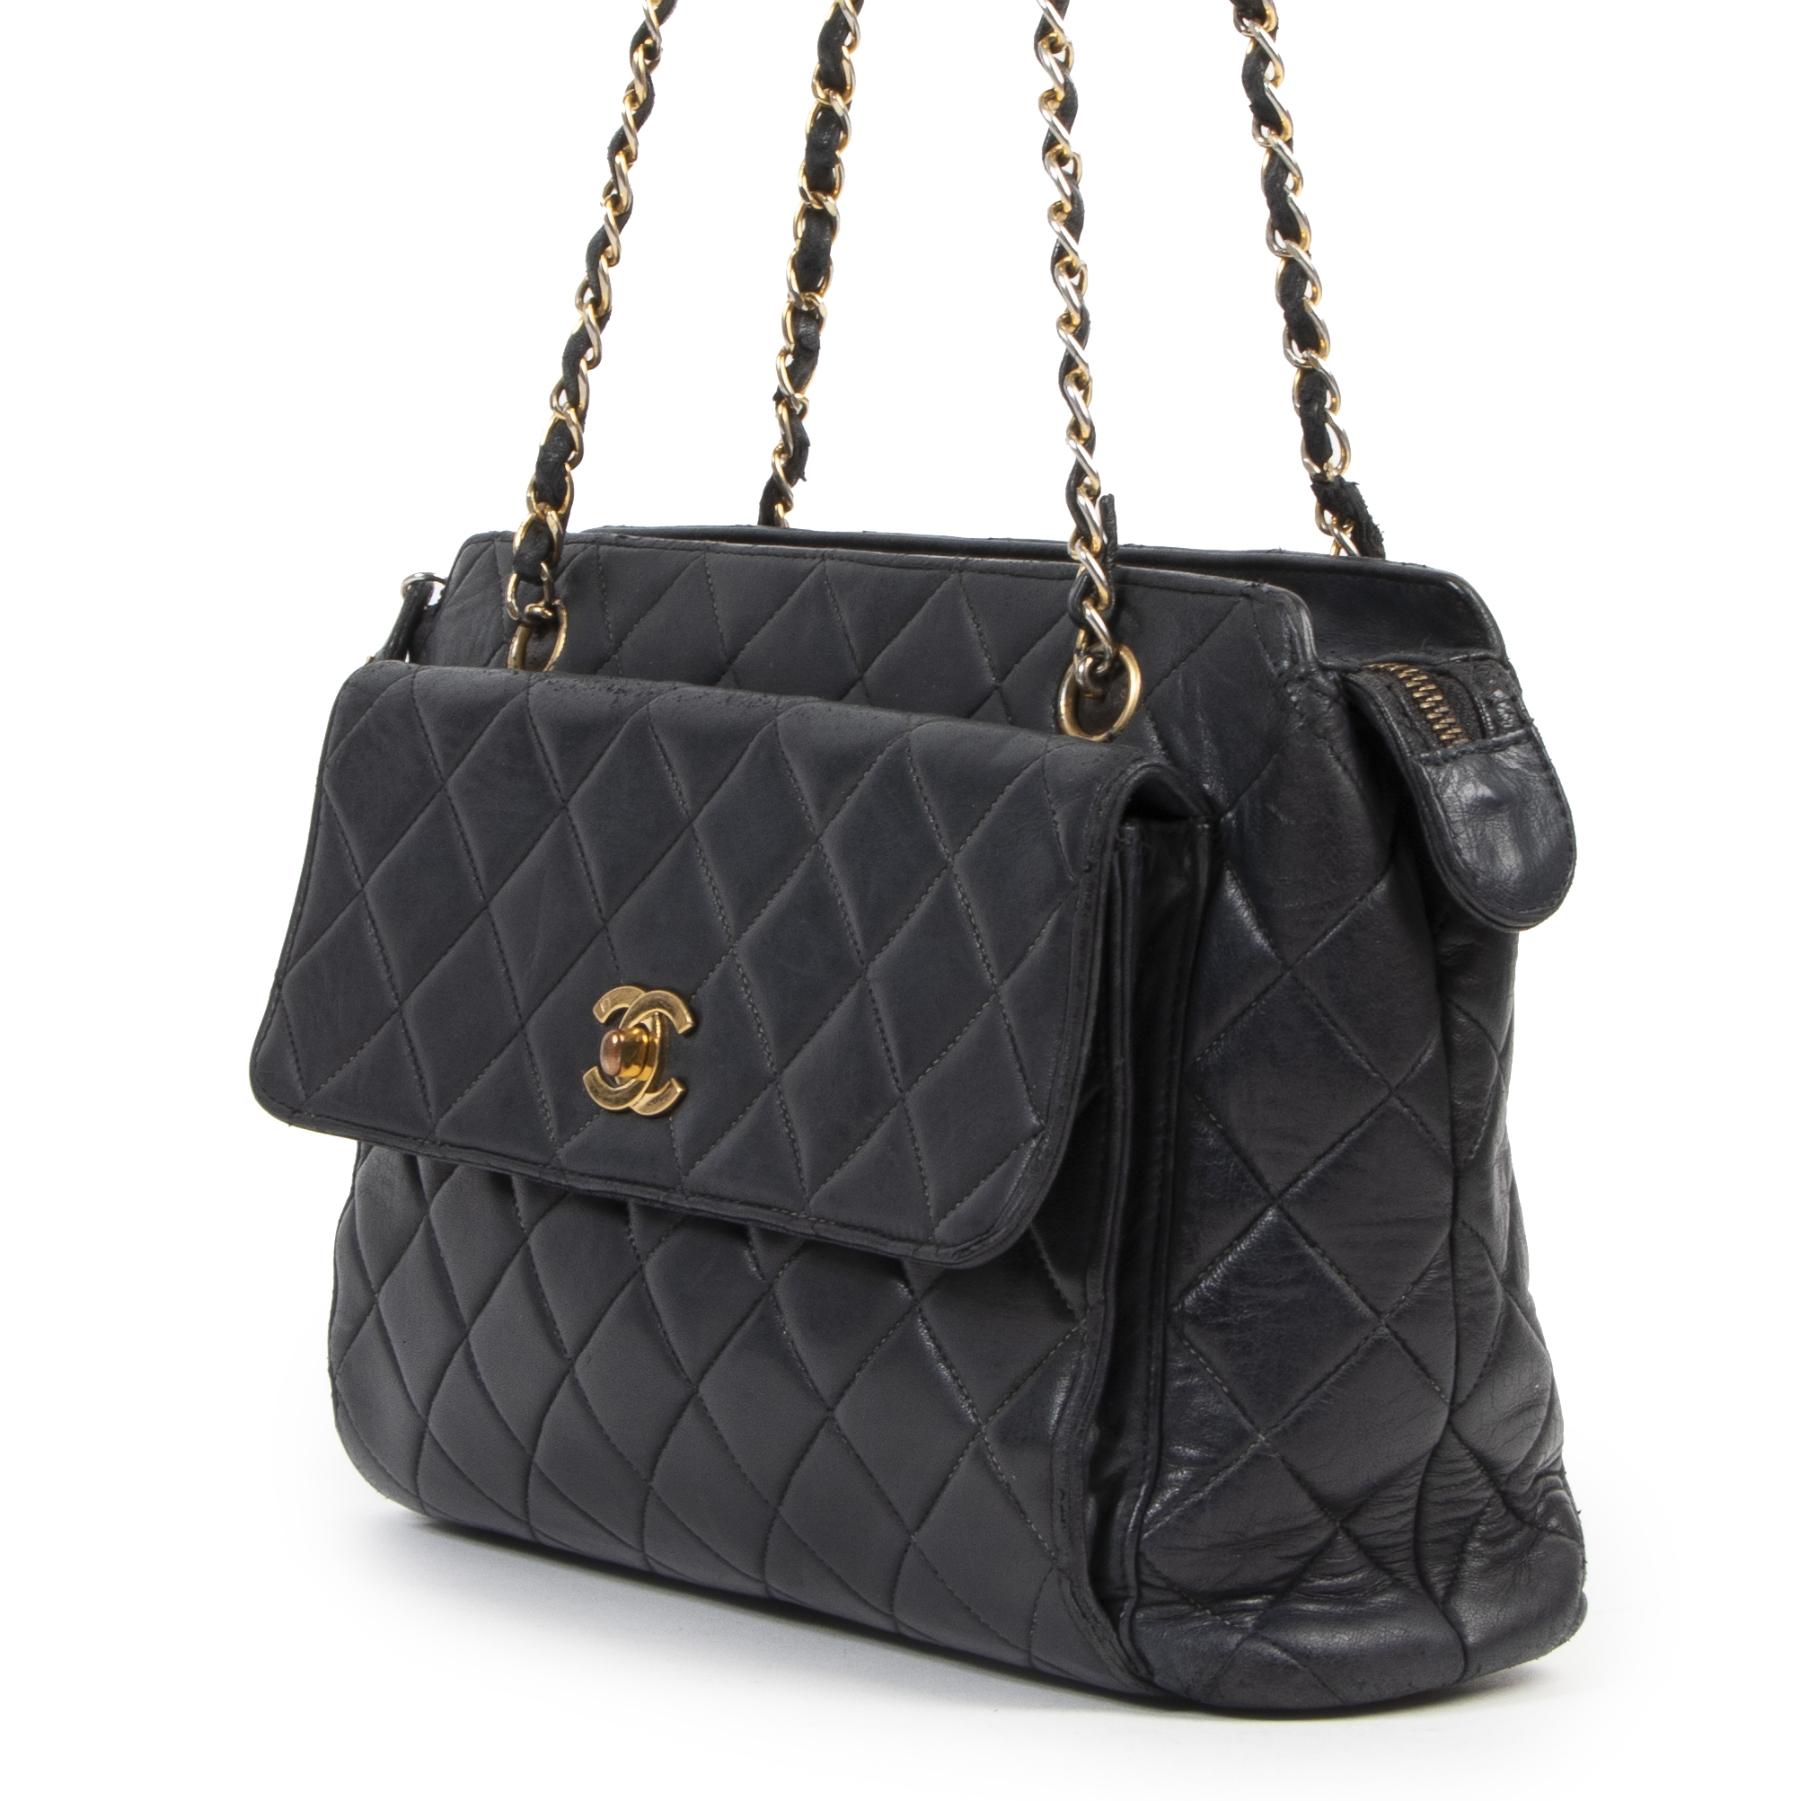 koop veilig online tegen de beste prijs Chanel Navy Quilted Classic Shoulder Bag